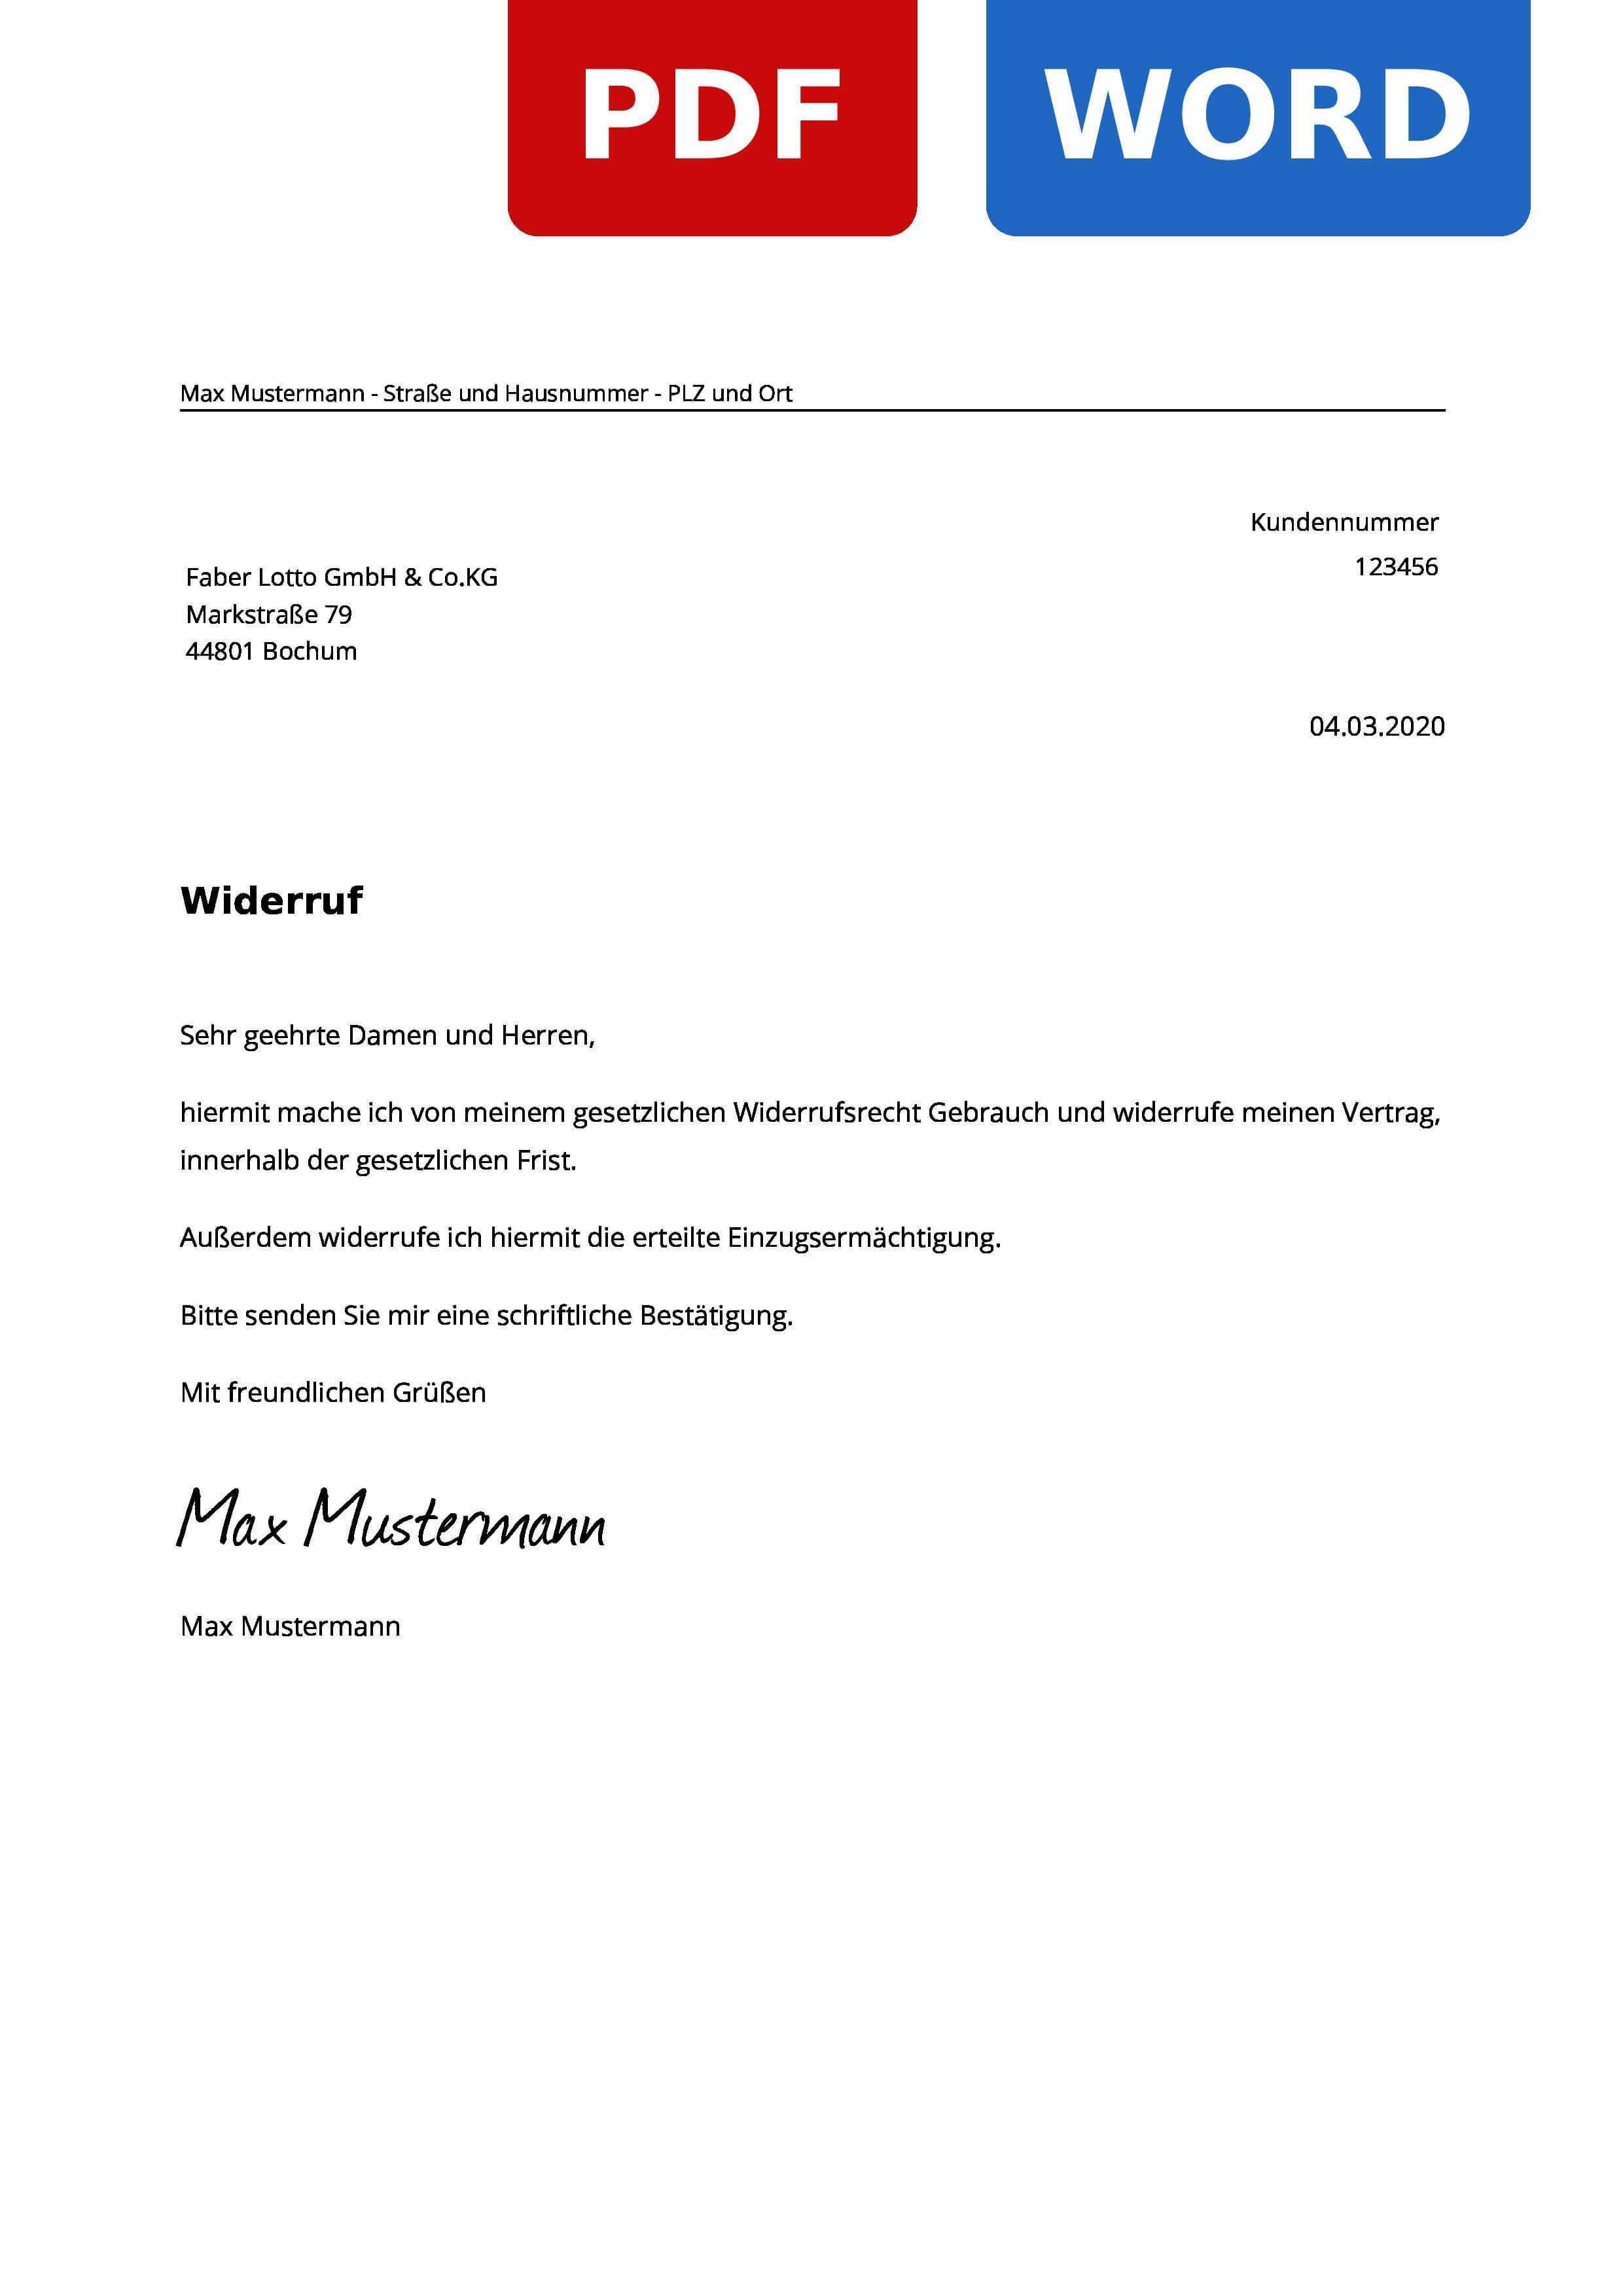 Faber Lotto Widerruf Widerrufsrecht Widerrufsfrist Widerrufsformular